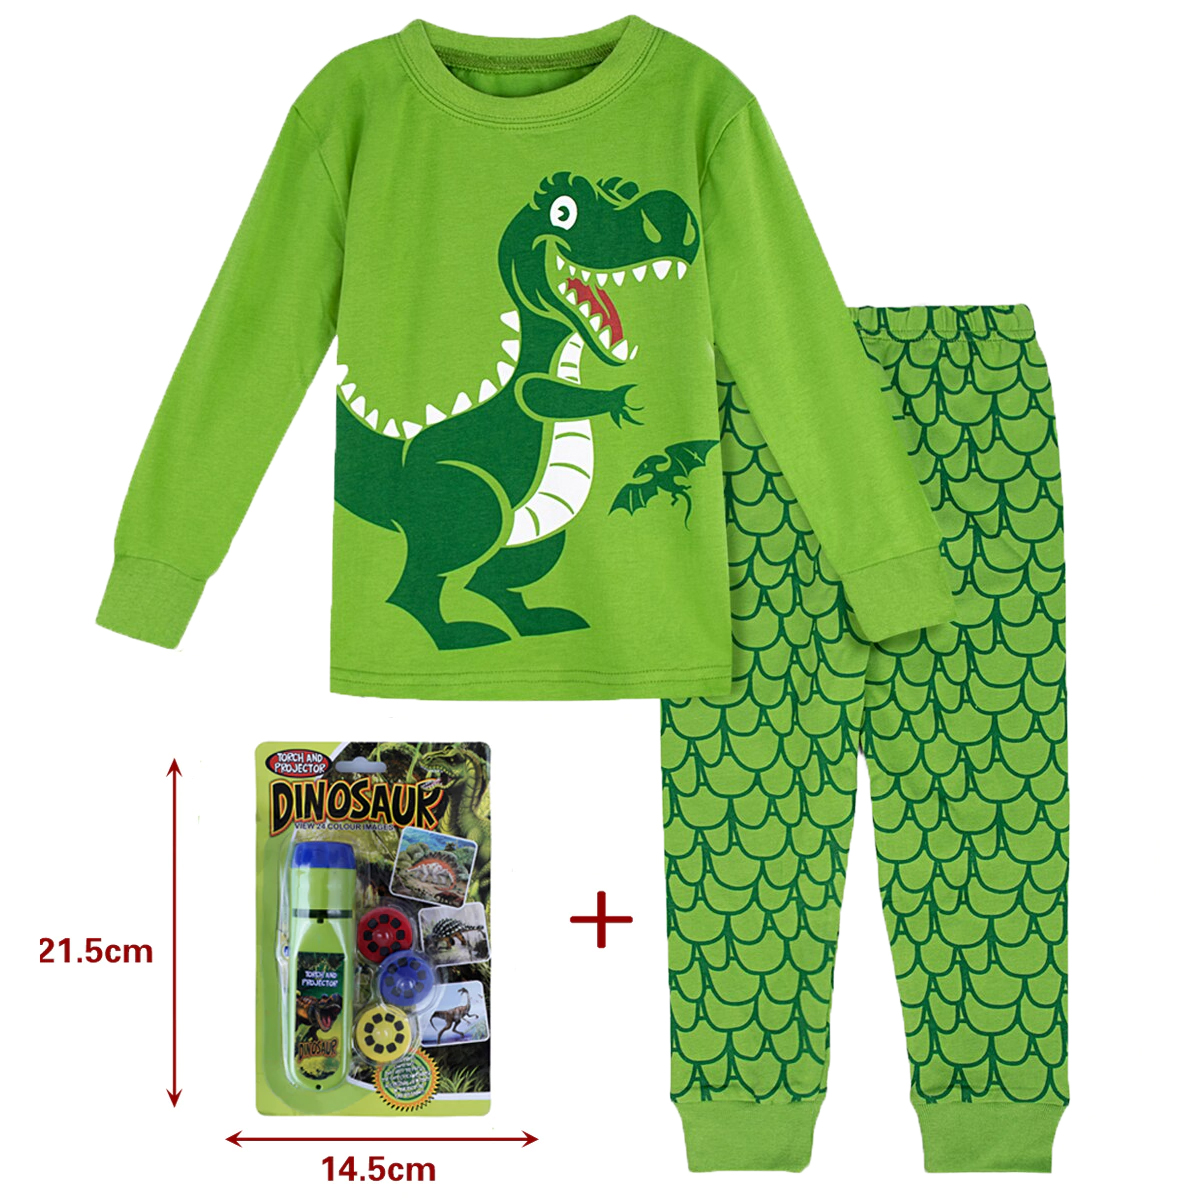 Пижамный комплект детский с динозавром, мультяшная одежда для сна, пиратский корабль, экскаватор, Игрушка-проектор